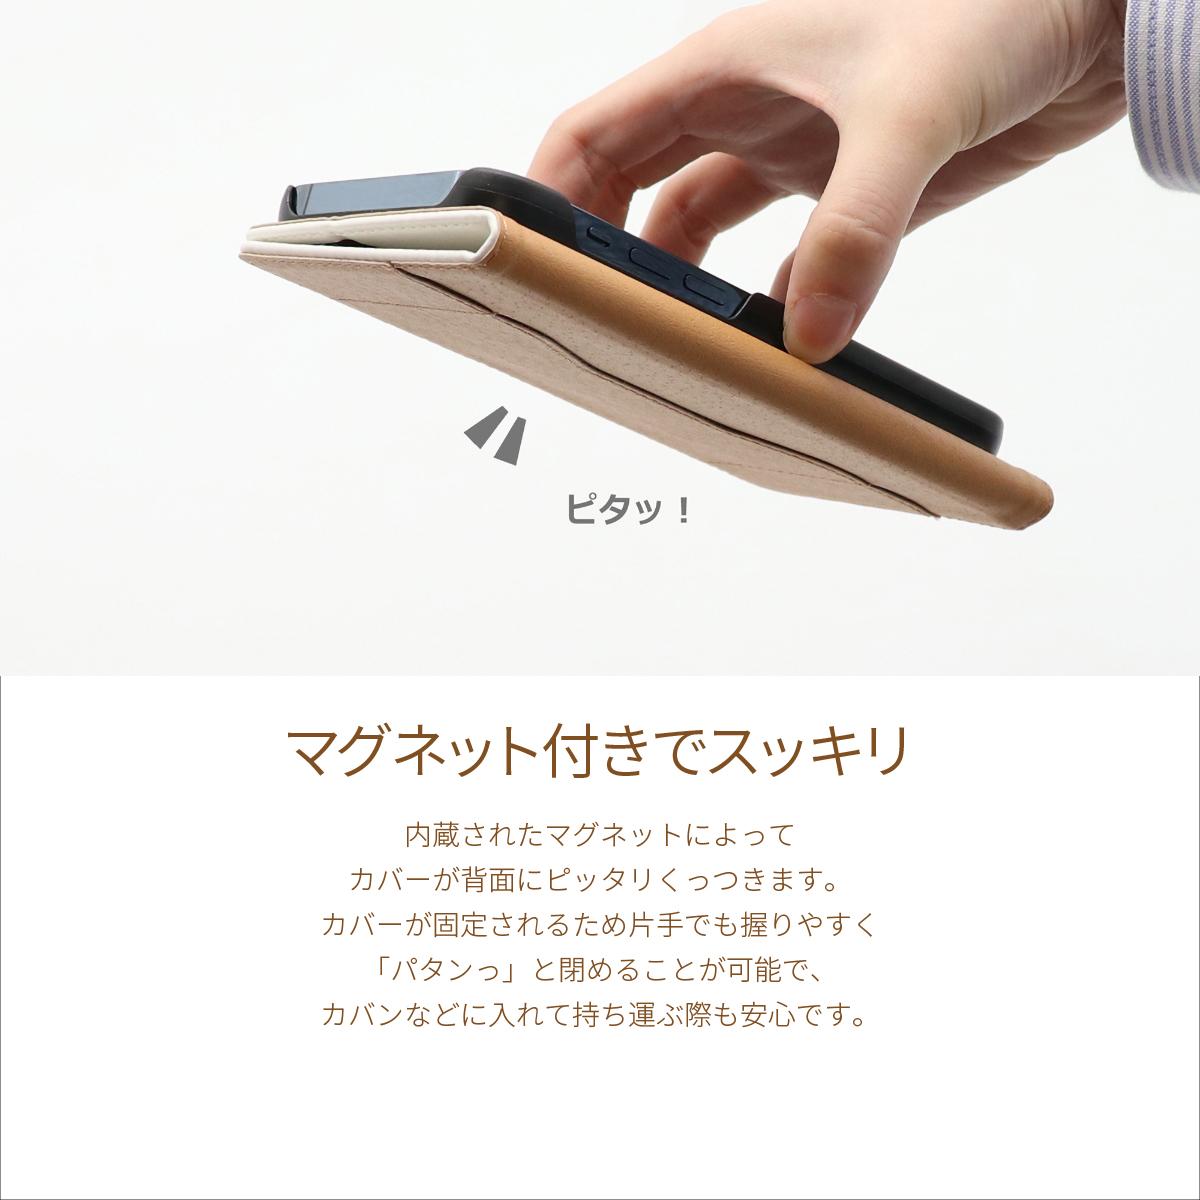 さくらももこ 地球の子供たち iPhone 12 ケース iPhone 11 Pro Max カバー iPhone12 mini 手帳型ケース  iPhoneX Xs Max XR スマホケース iPhone8 iPhone7 Plus iPhone5 5s SE 6 6s Plus アイフォン 手帳型カバー 携帯ケース 携帯カバー カード収納